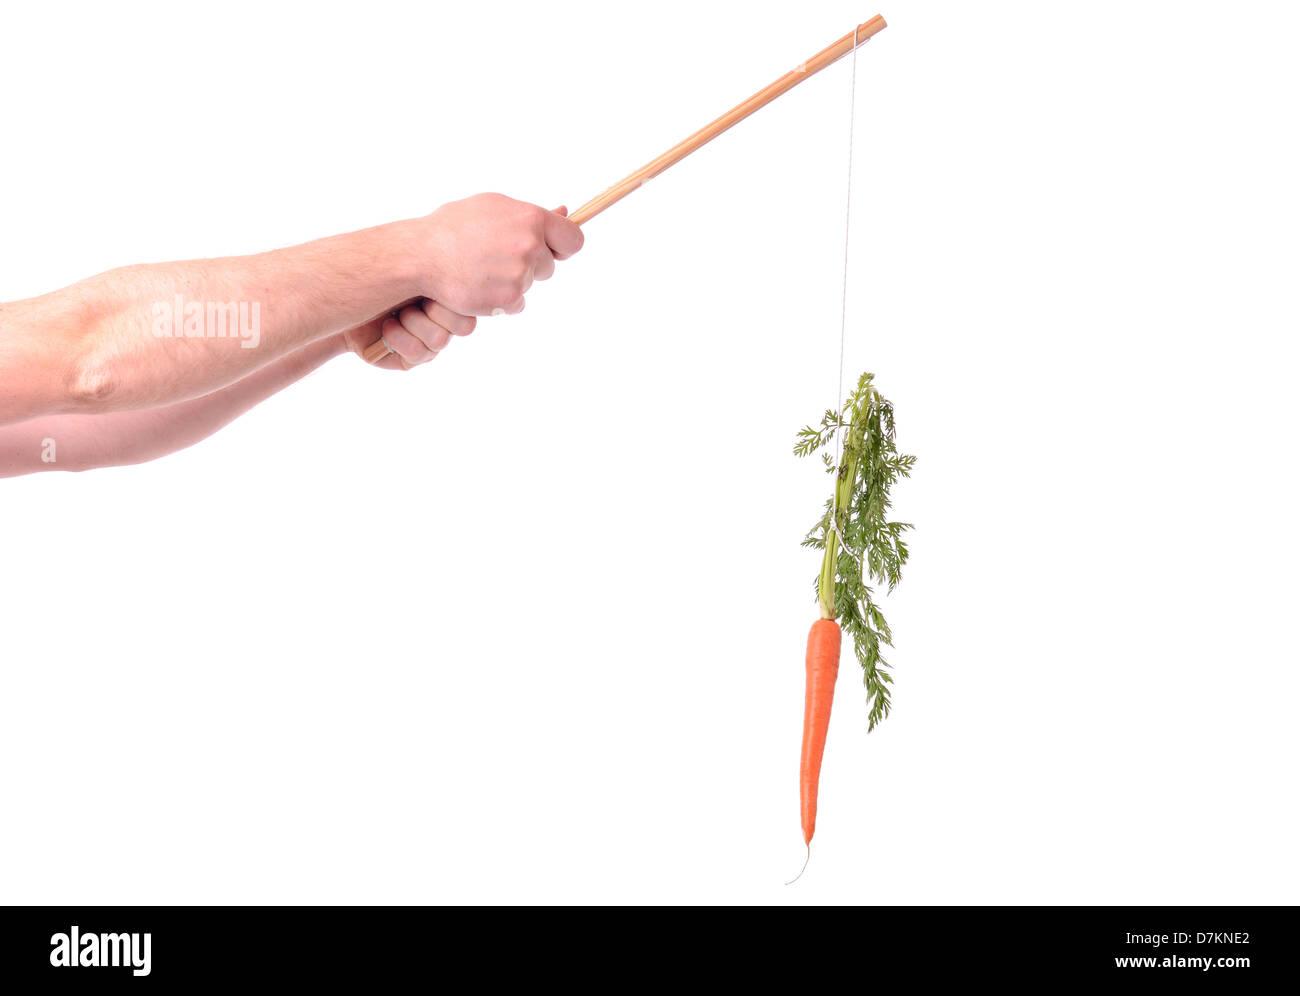 Motivation der baumelt einer Karotte am Stiel isoliert auf weiss Stockbild